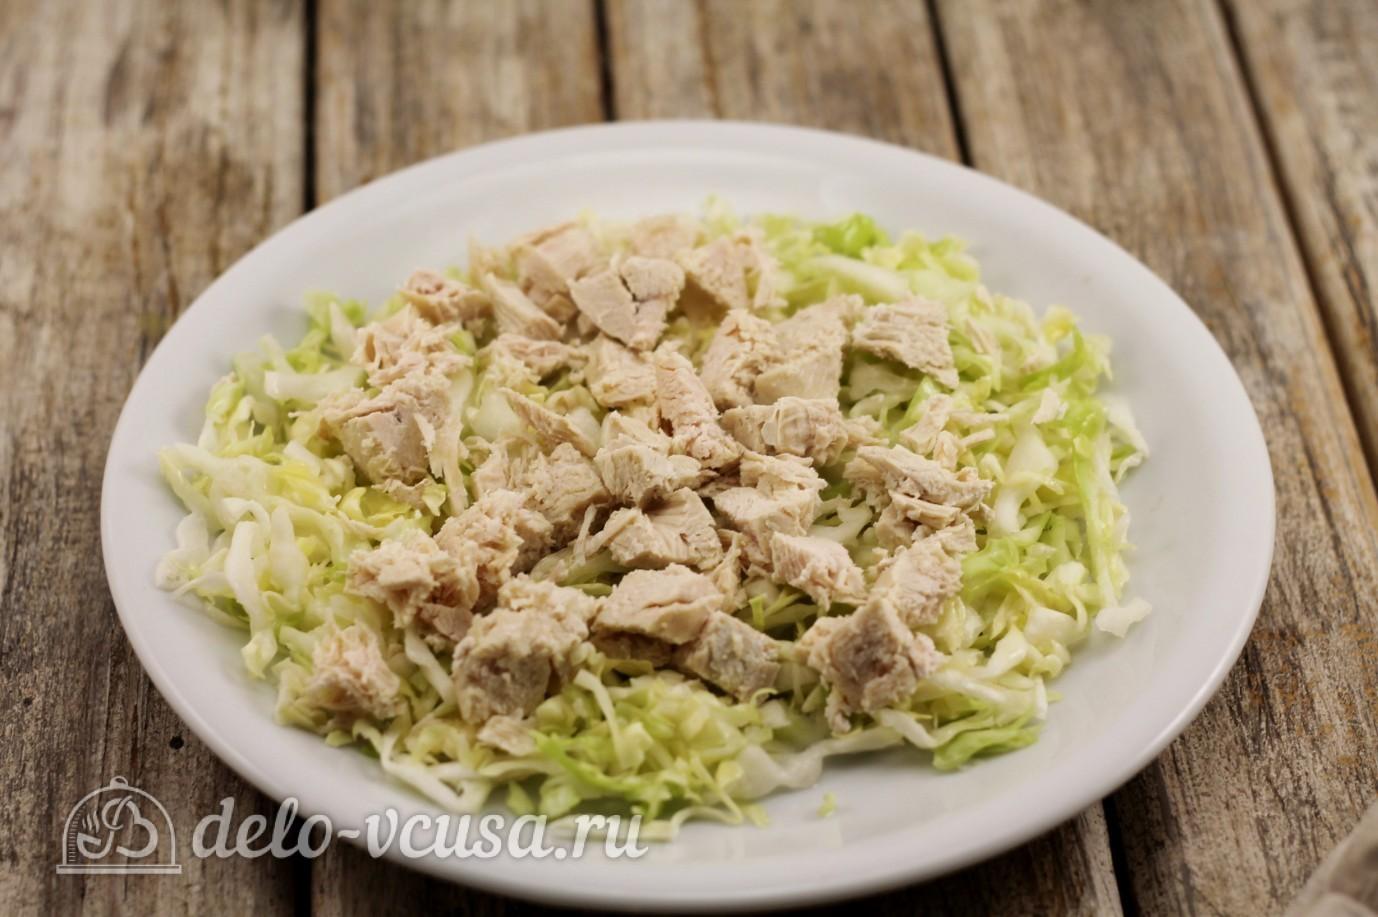 Салат из пекинской капусты с сухариками: Курицу отварить и порезать